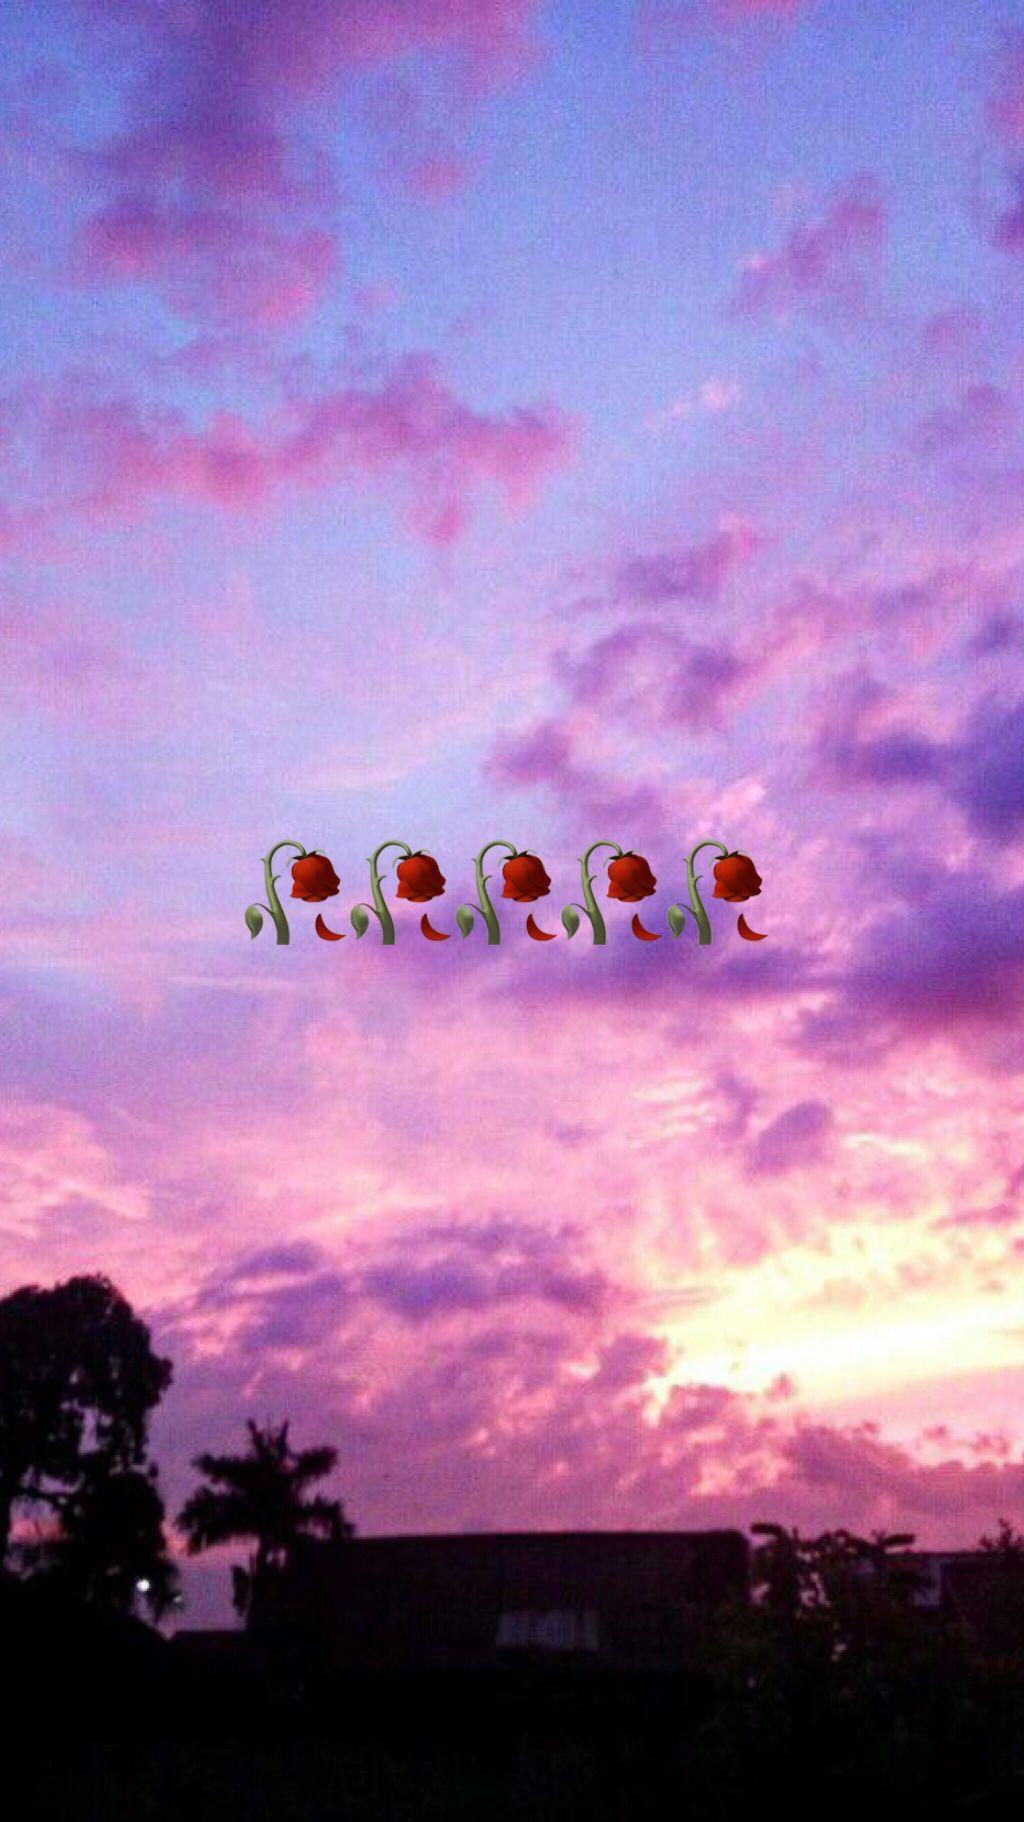 Wallpaper Aesthetic Tumblr Sky Wallpaperforphones Aesthetic